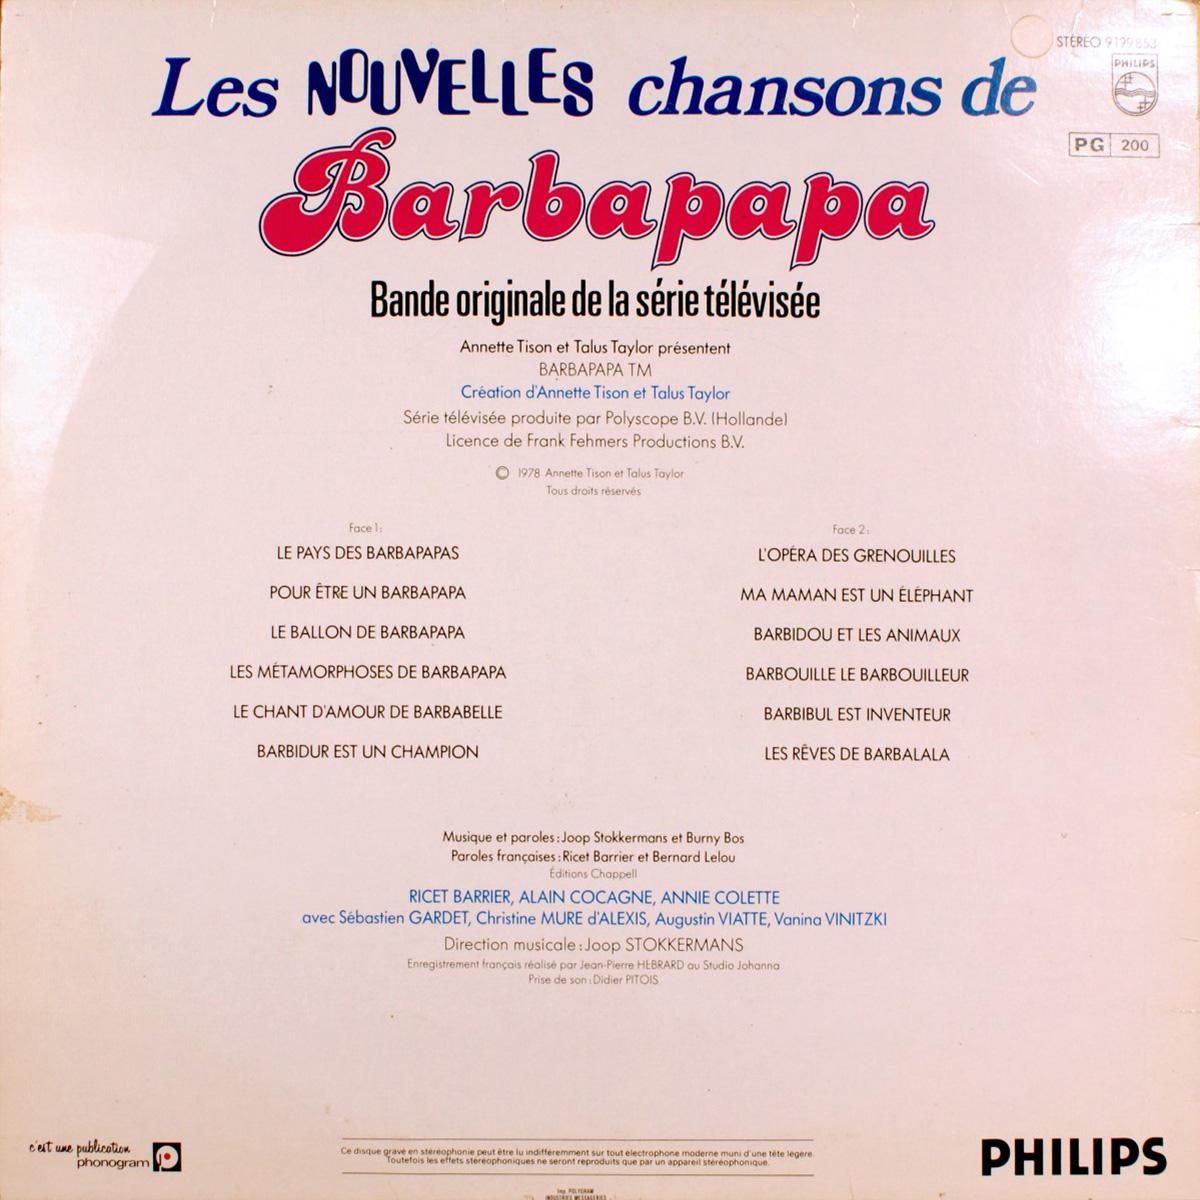 Disque vinyle 33 tours - Les nouvelles chansons de Barbapapa - Face B